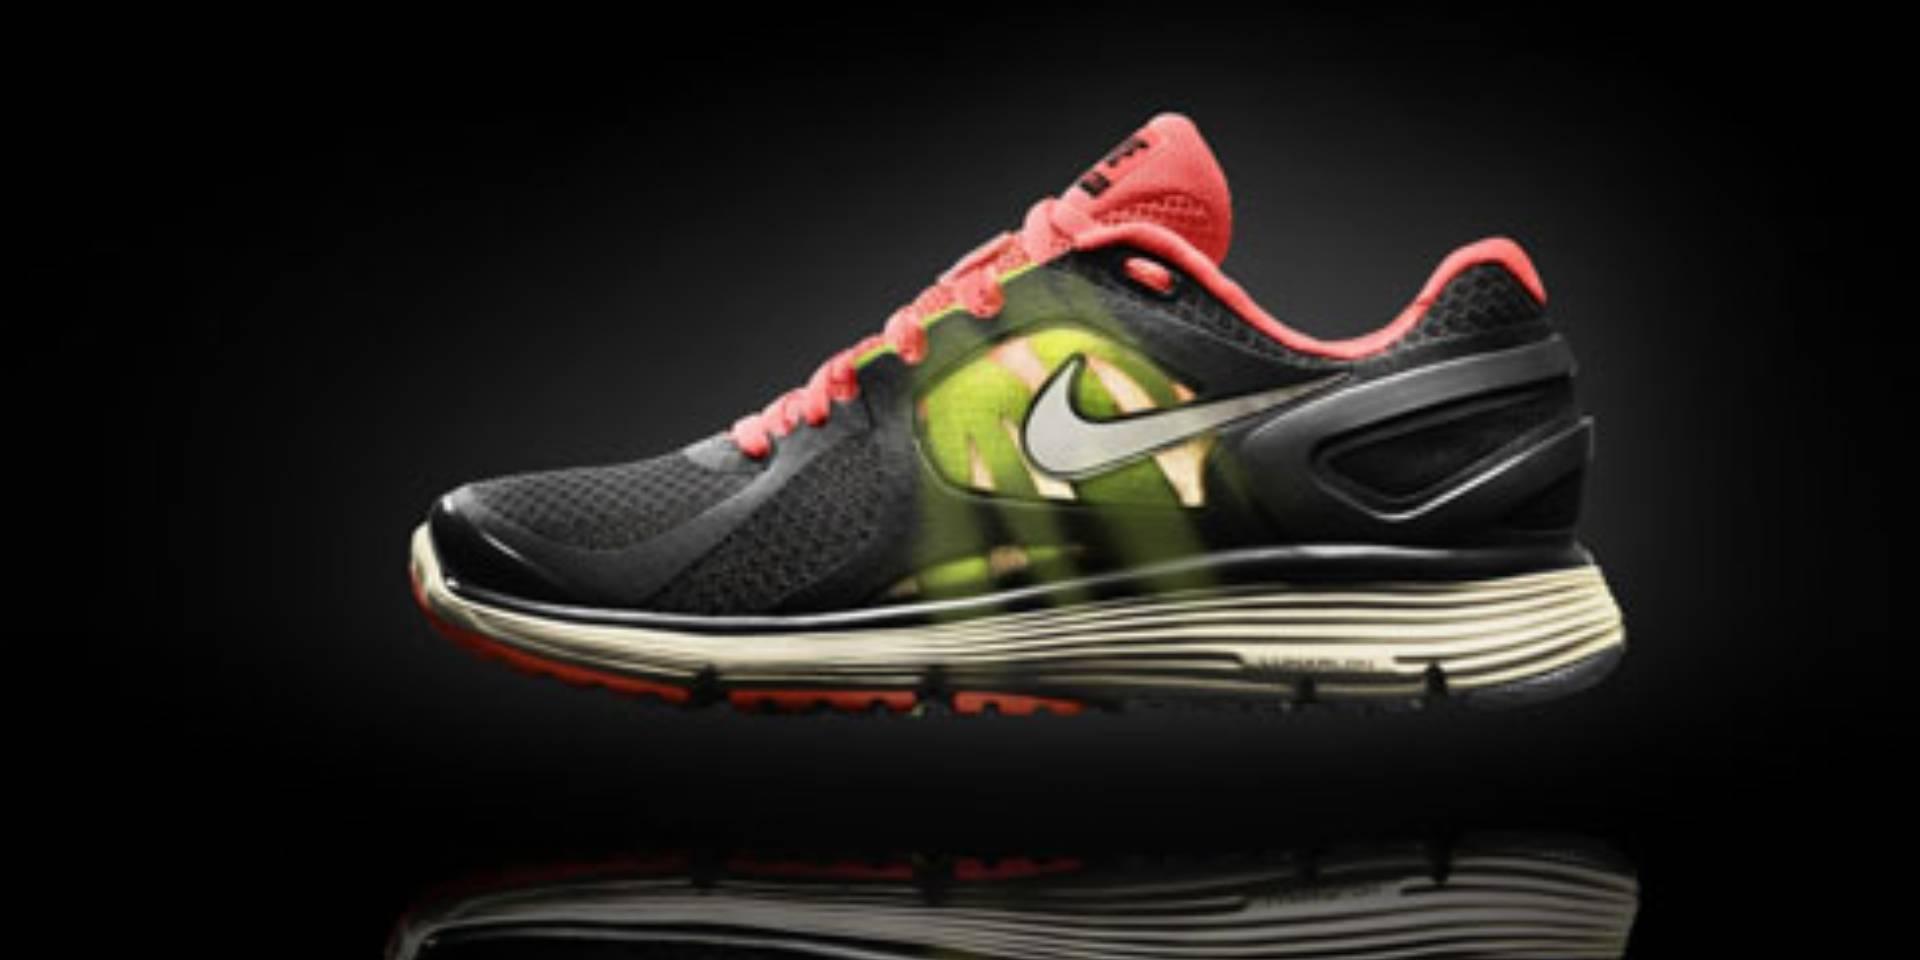 Nowosc dla biegaczy - Nike LunarEclipse+ 2